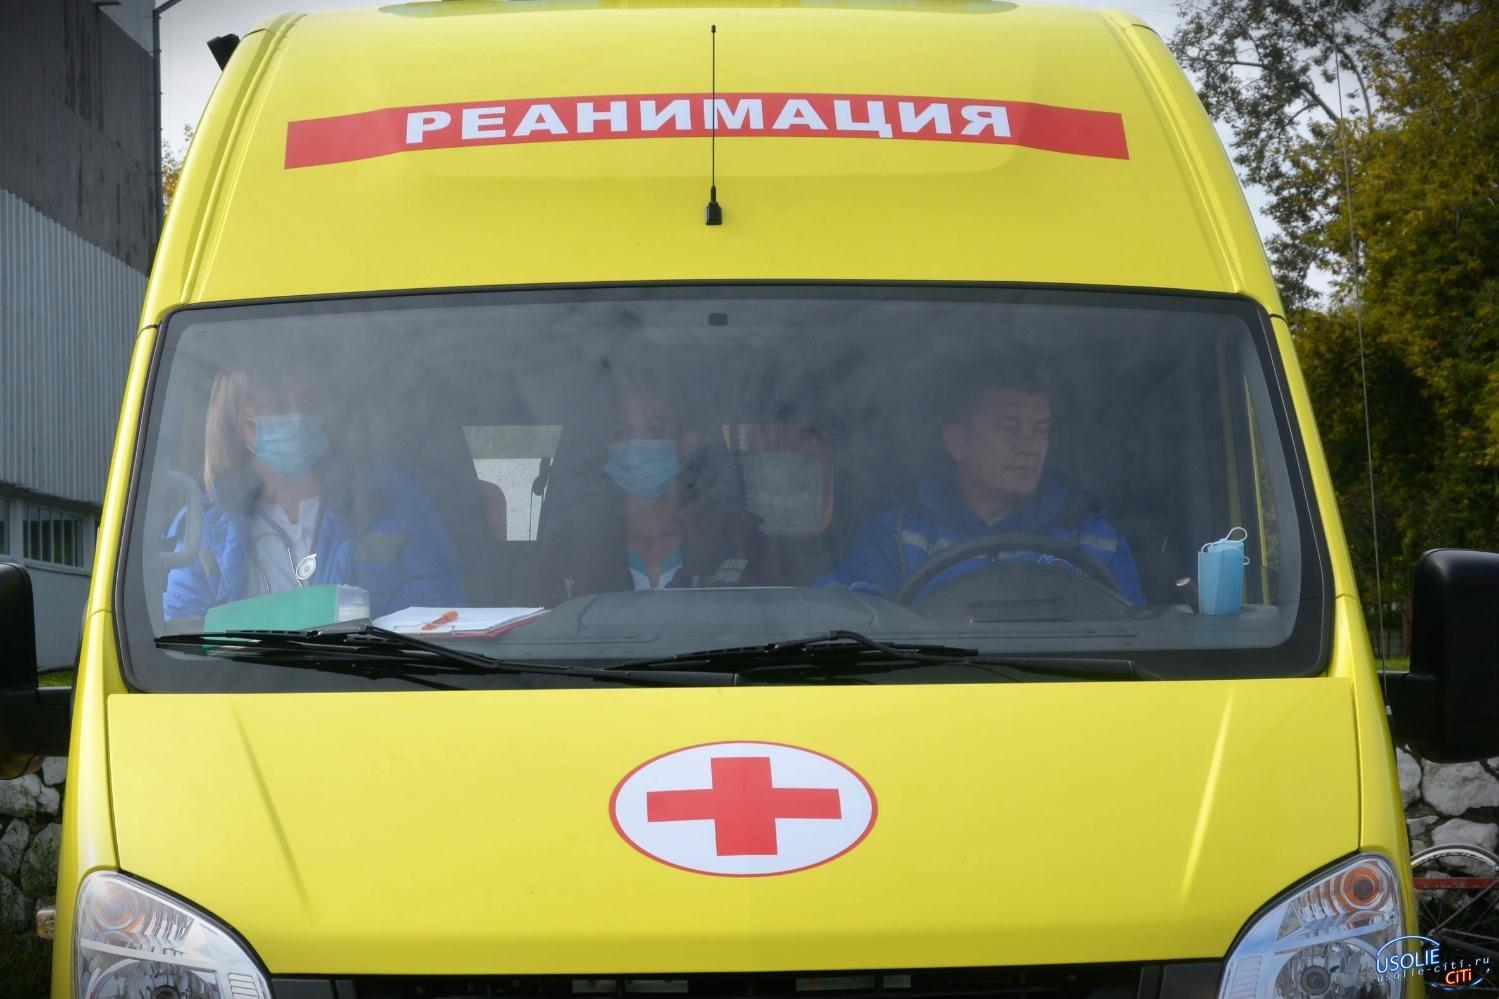 14-летний парнишка на отцовской «Ямахе» влетел в пассажирский «ПАЗ» в Усольском районе